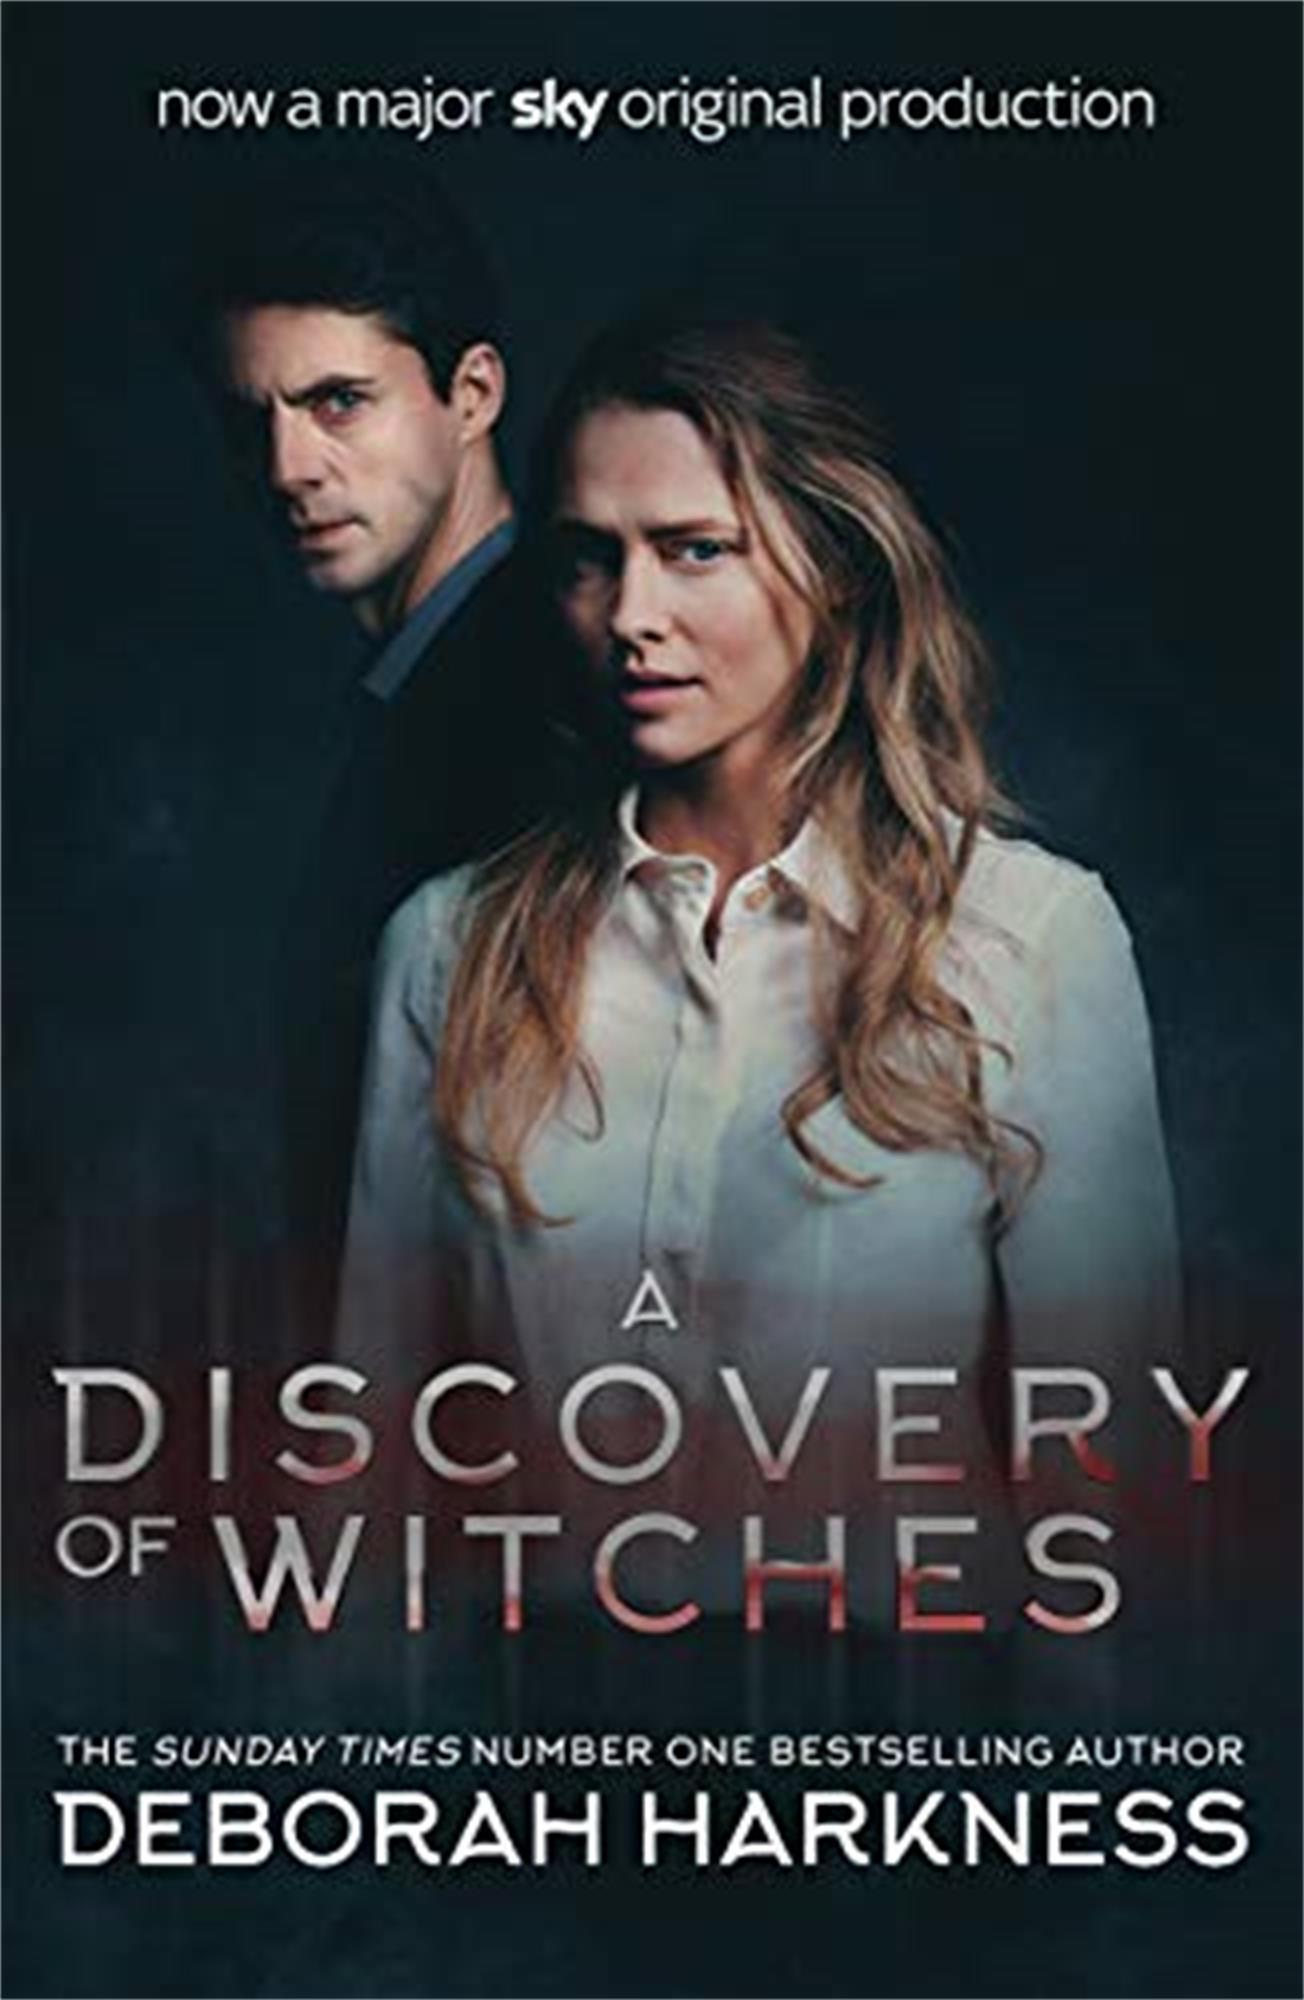 【完结】发现女巫 第一季 A Discovery of Witches Season 1 (2018)